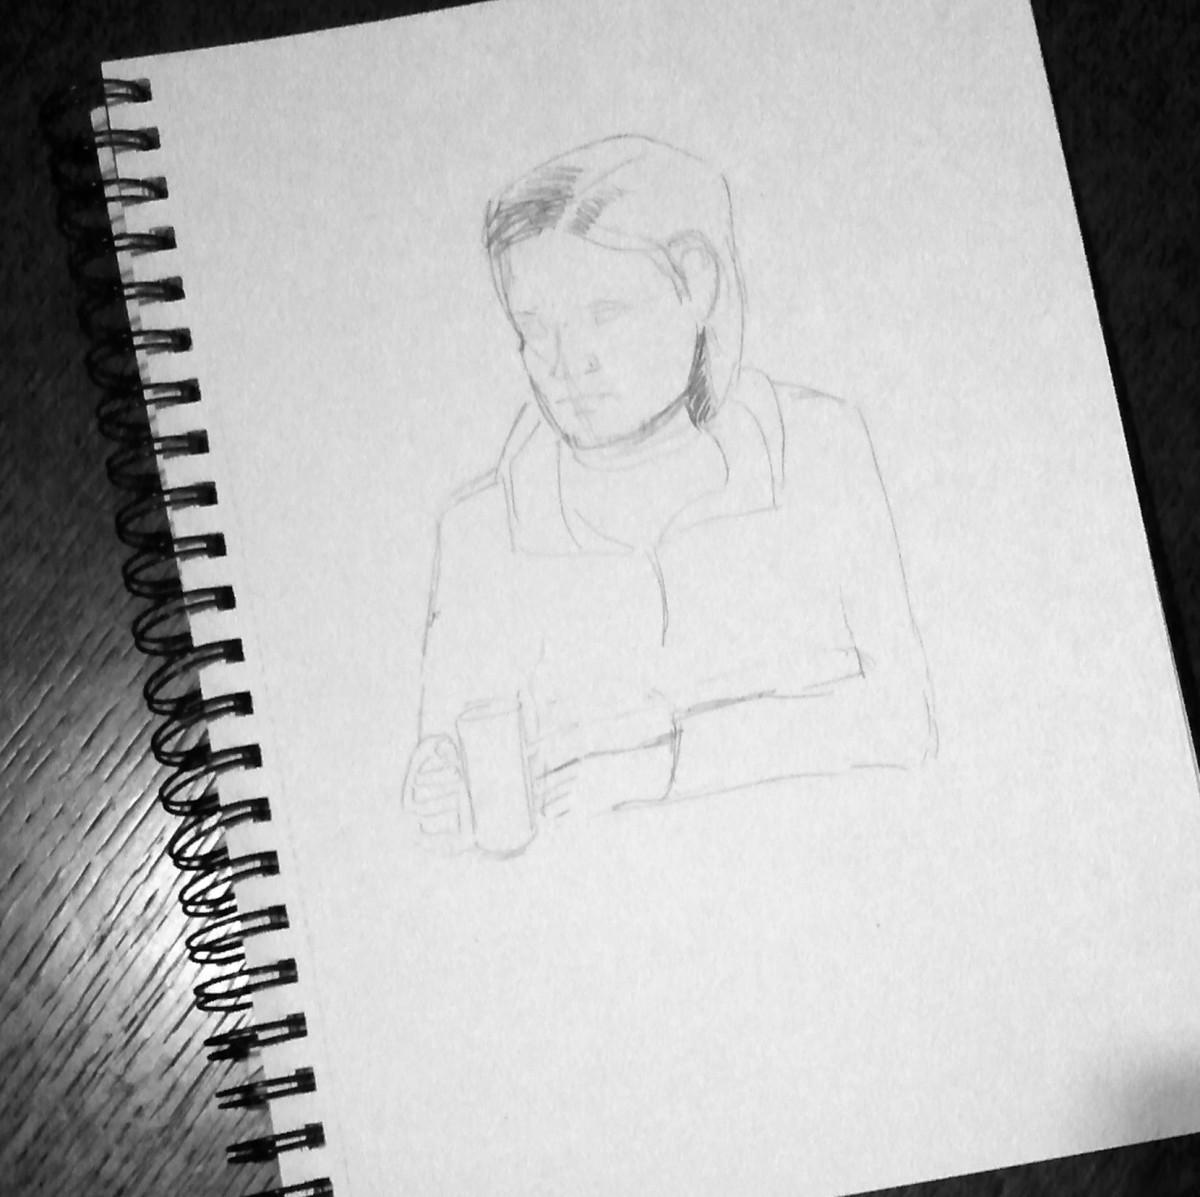 faint sketch in a sketch book